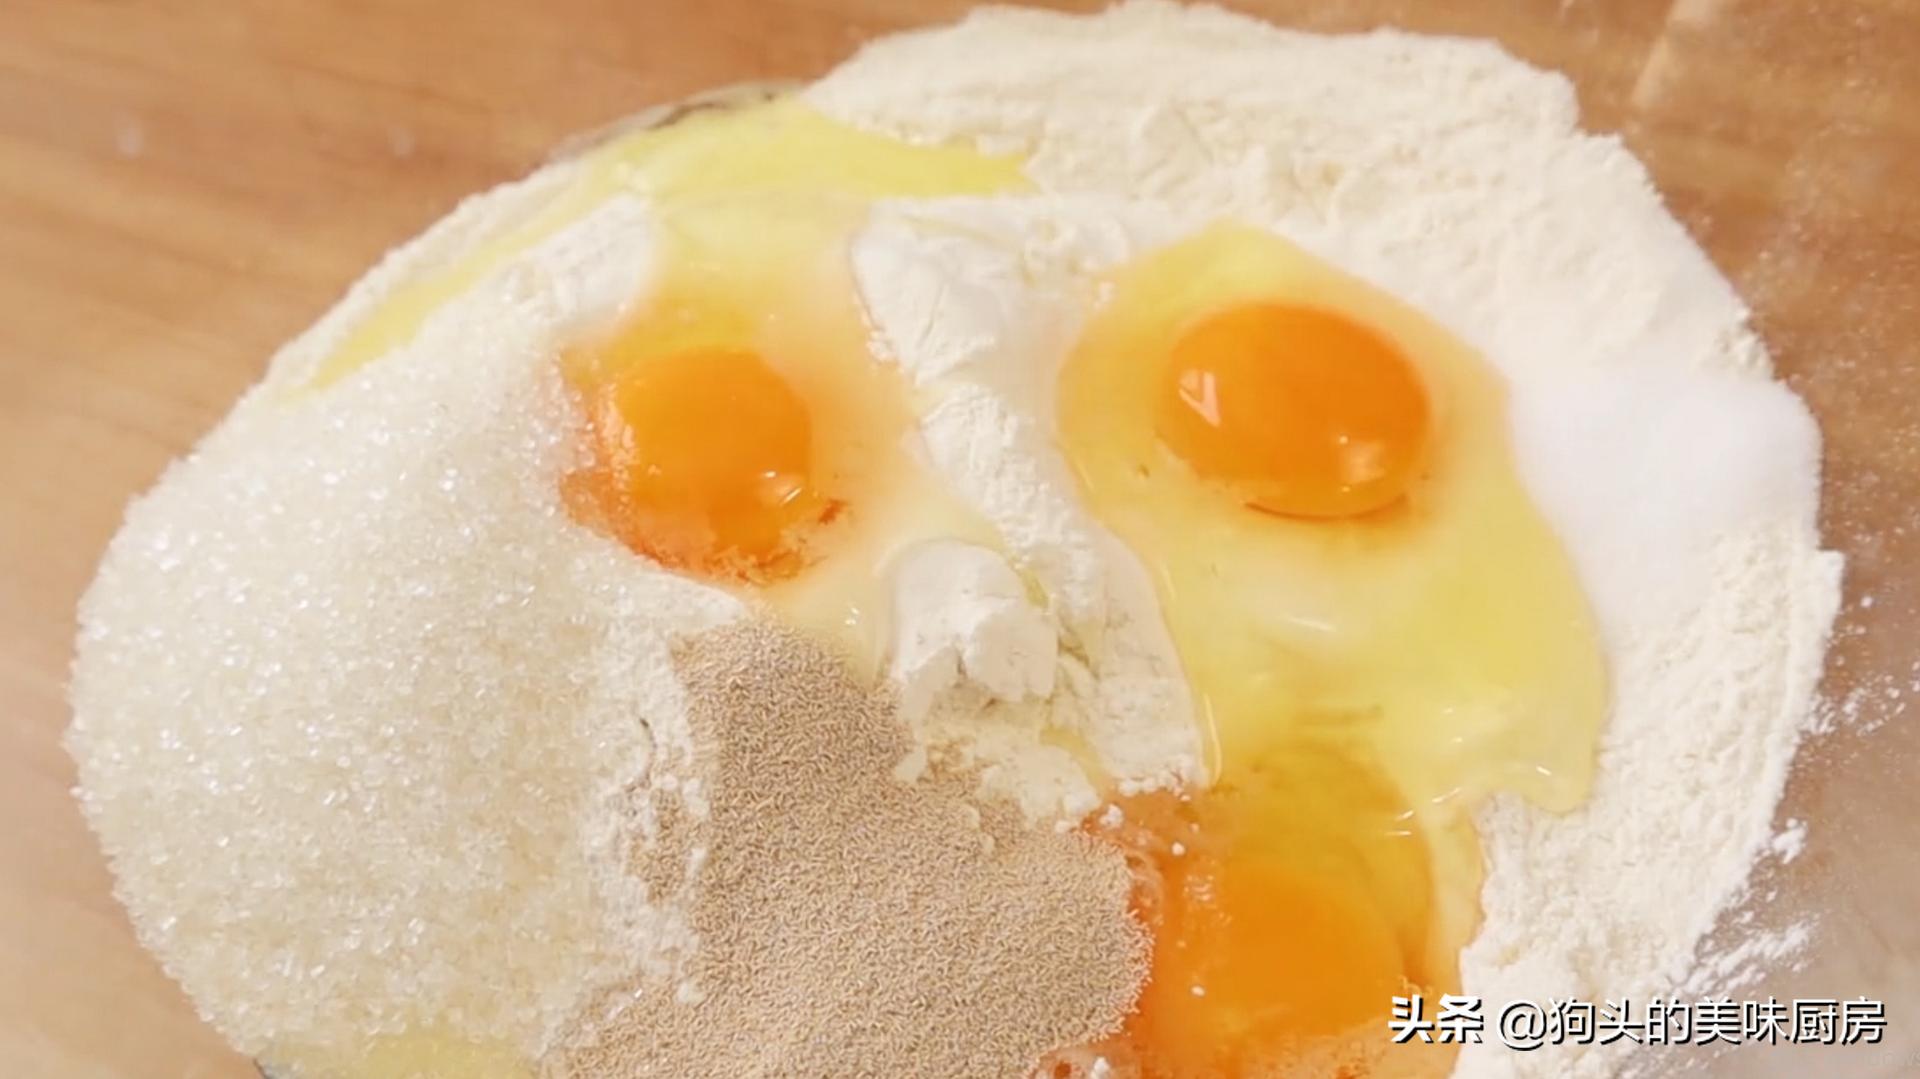 一碗面粉,3个鸡蛋,手指一戳一转,香甜松软,比买的面包还好吃 美食做法 第4张